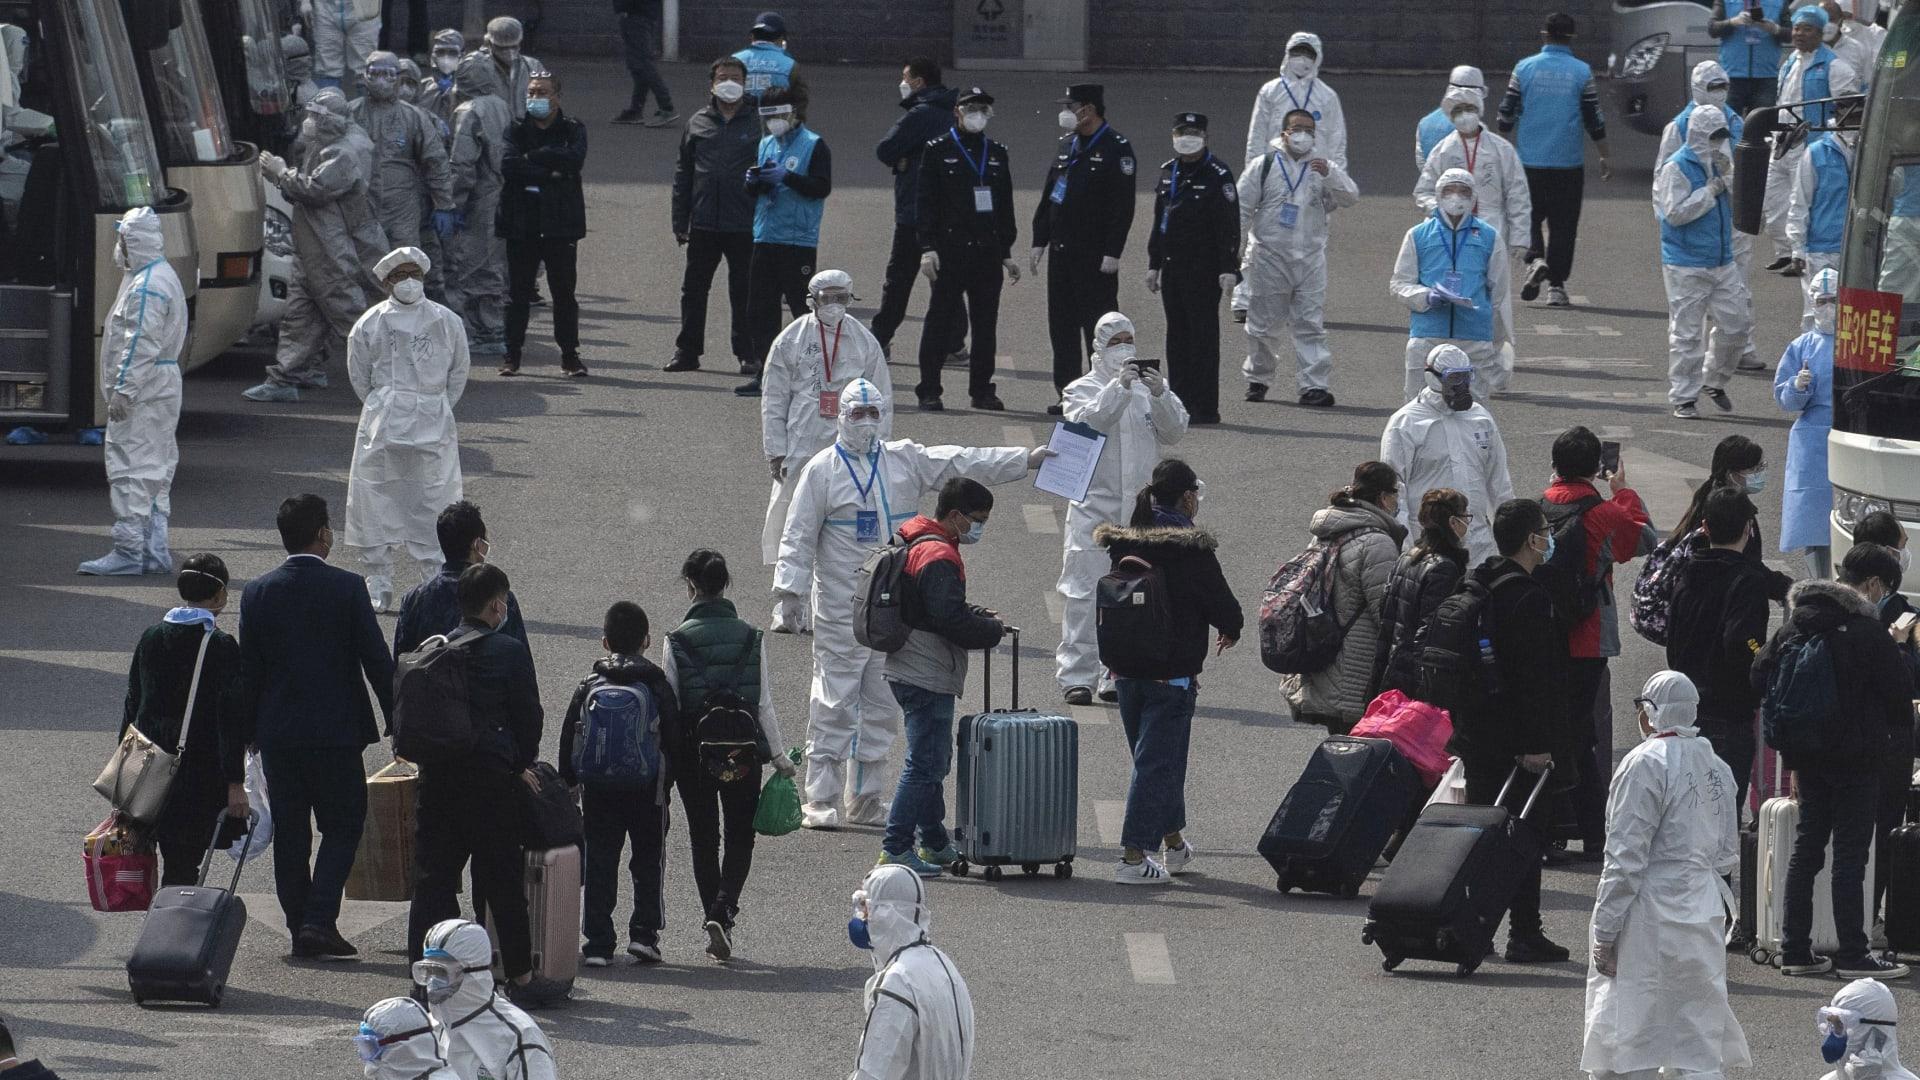 محققو منظمة الصحة العالمية: فرصة اكتشاف منشأ فيروس كورونا تتضاءل